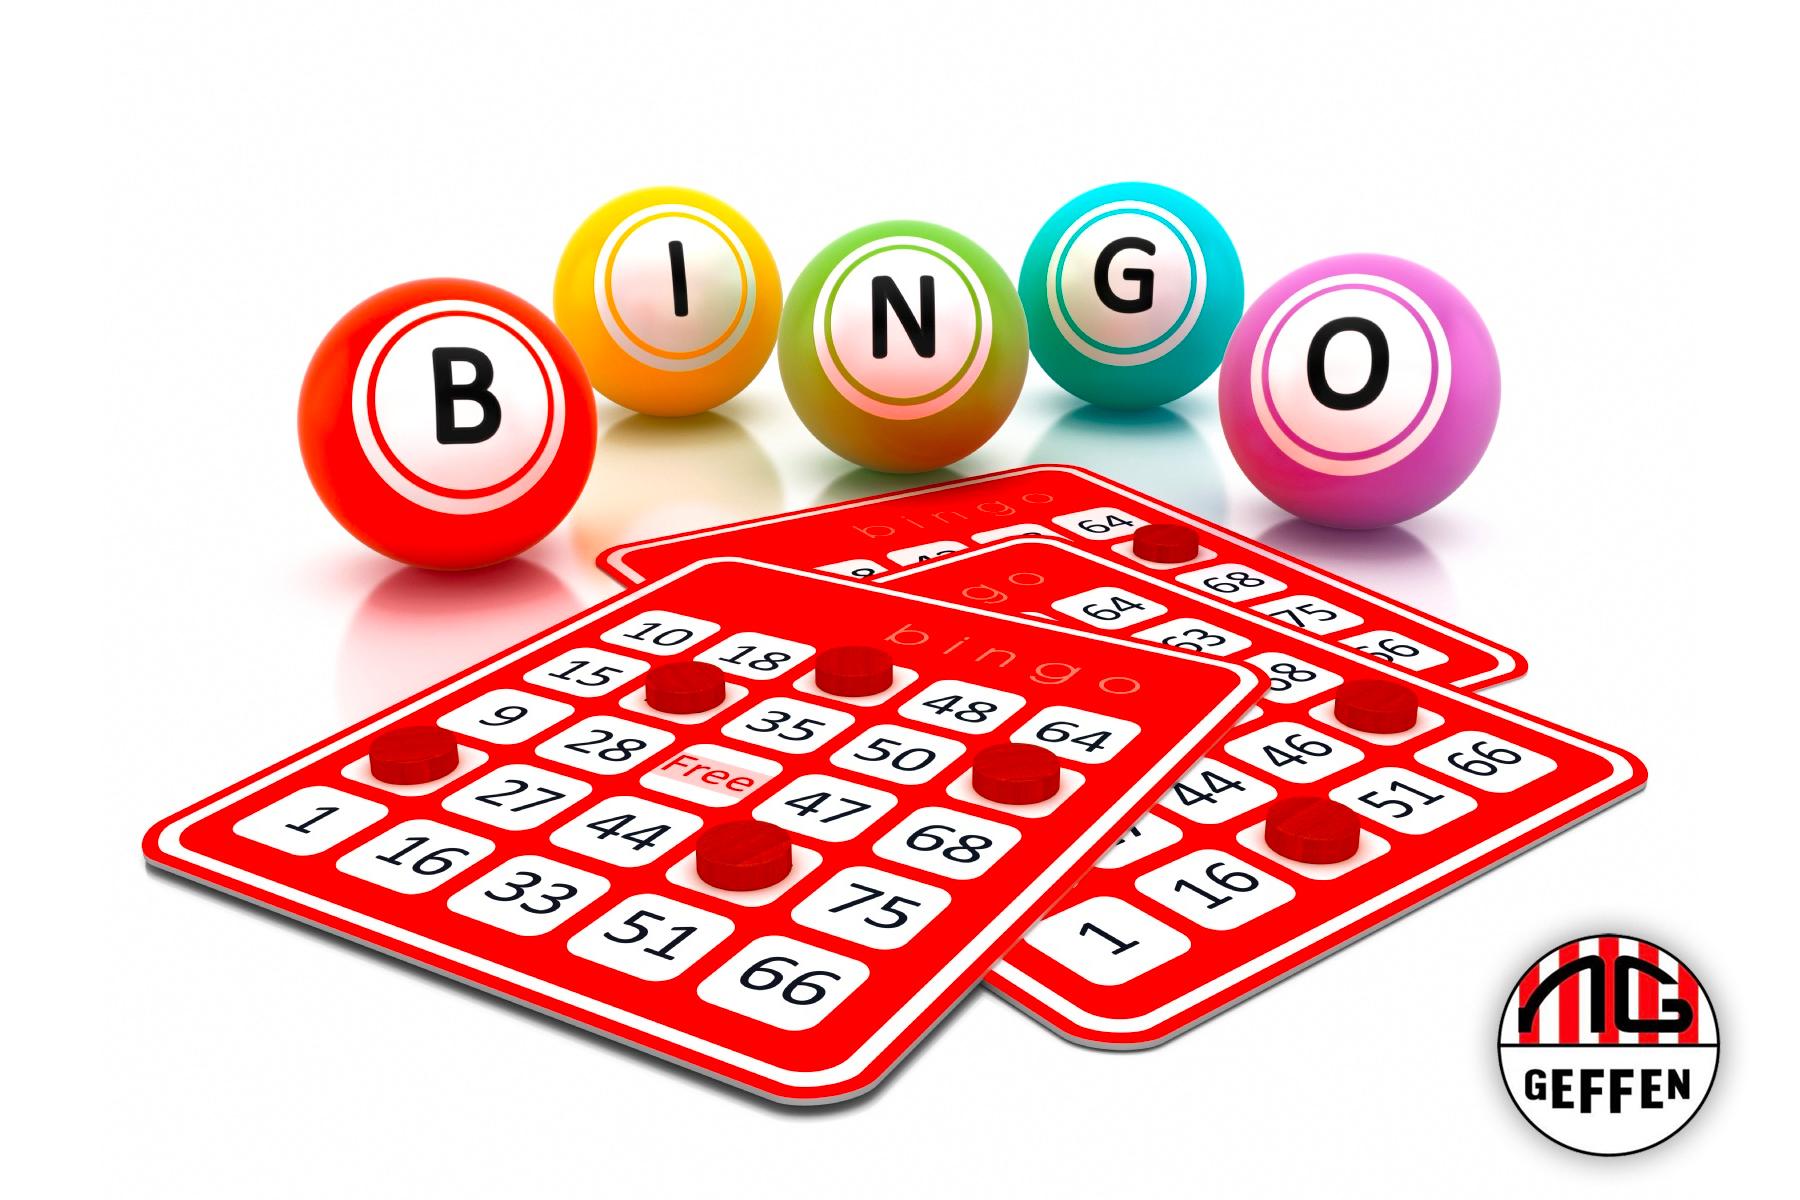 Doe mee met de Nooit Gedacht bingo!